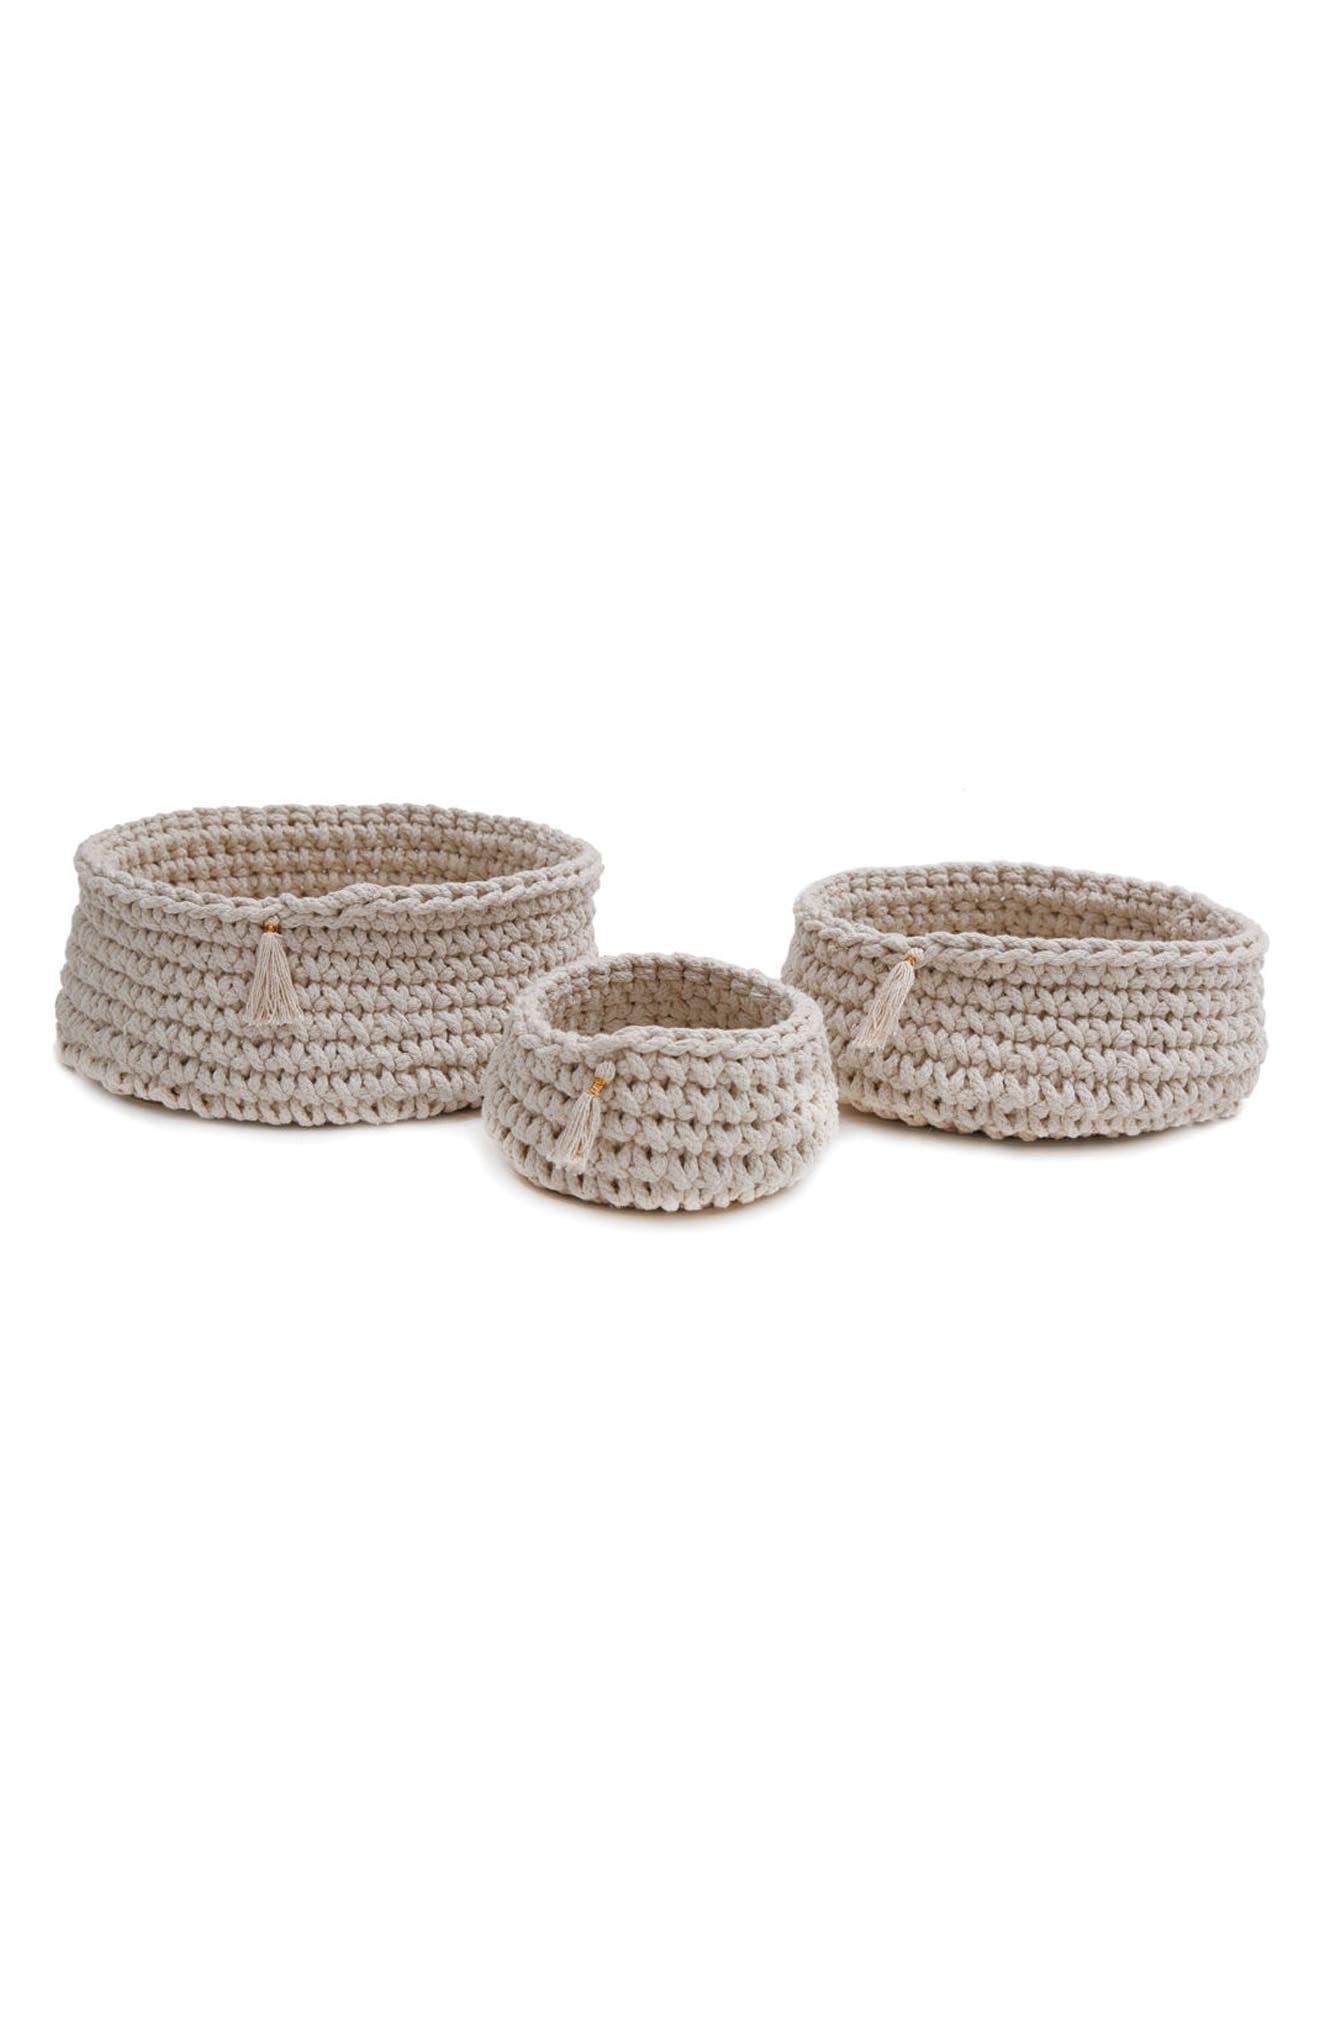 Baya Set of 3 Baskets,                             Main thumbnail 1, color,                             Ivory